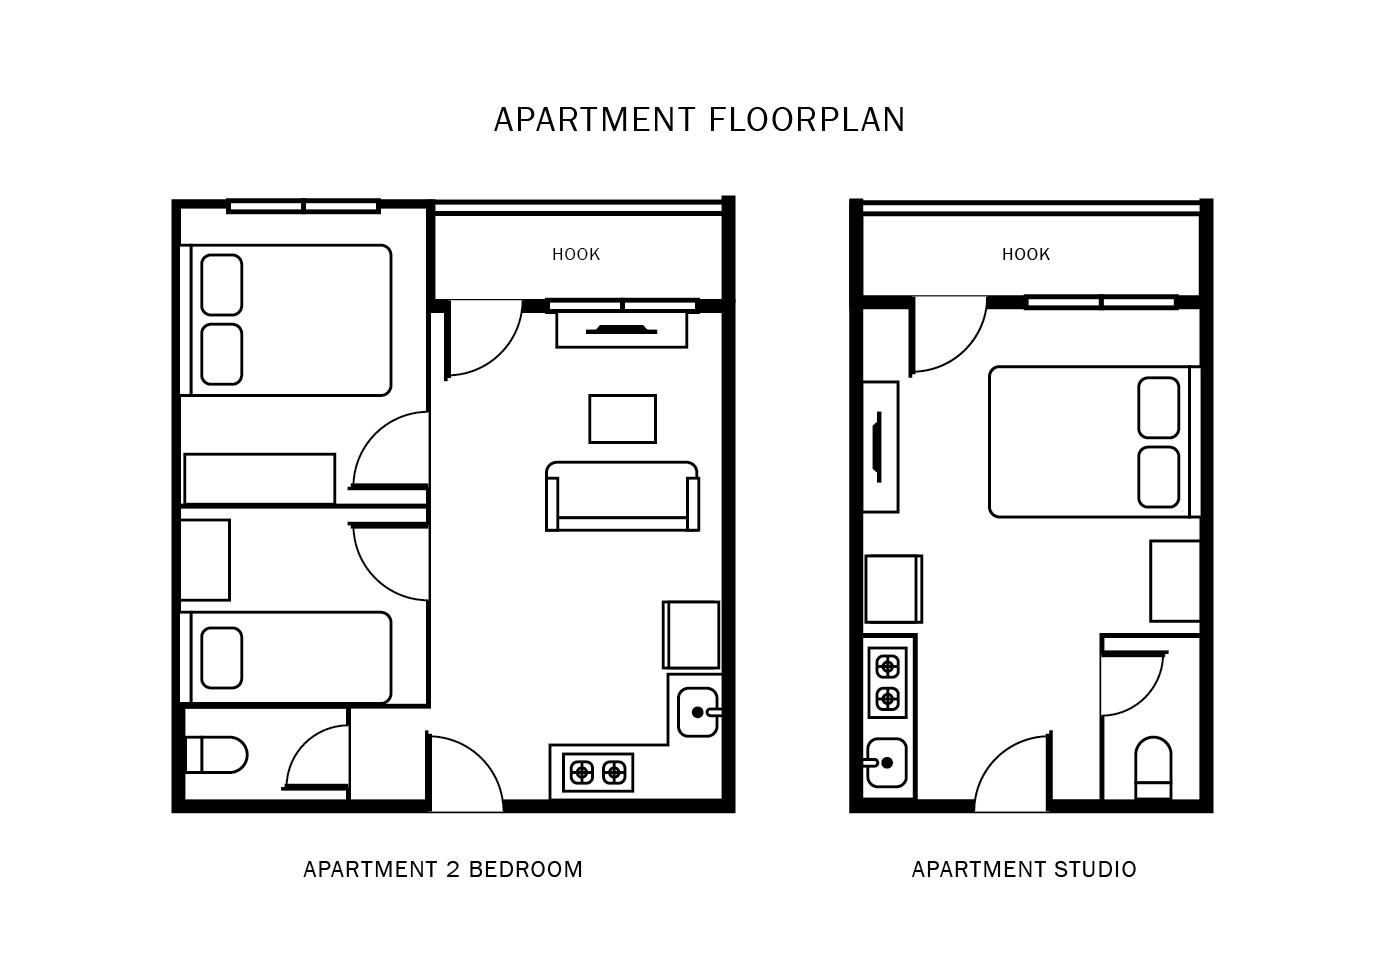 Plano Del Piso Del Apartamento Descargue Gr Ficos Y Vectores Gratis